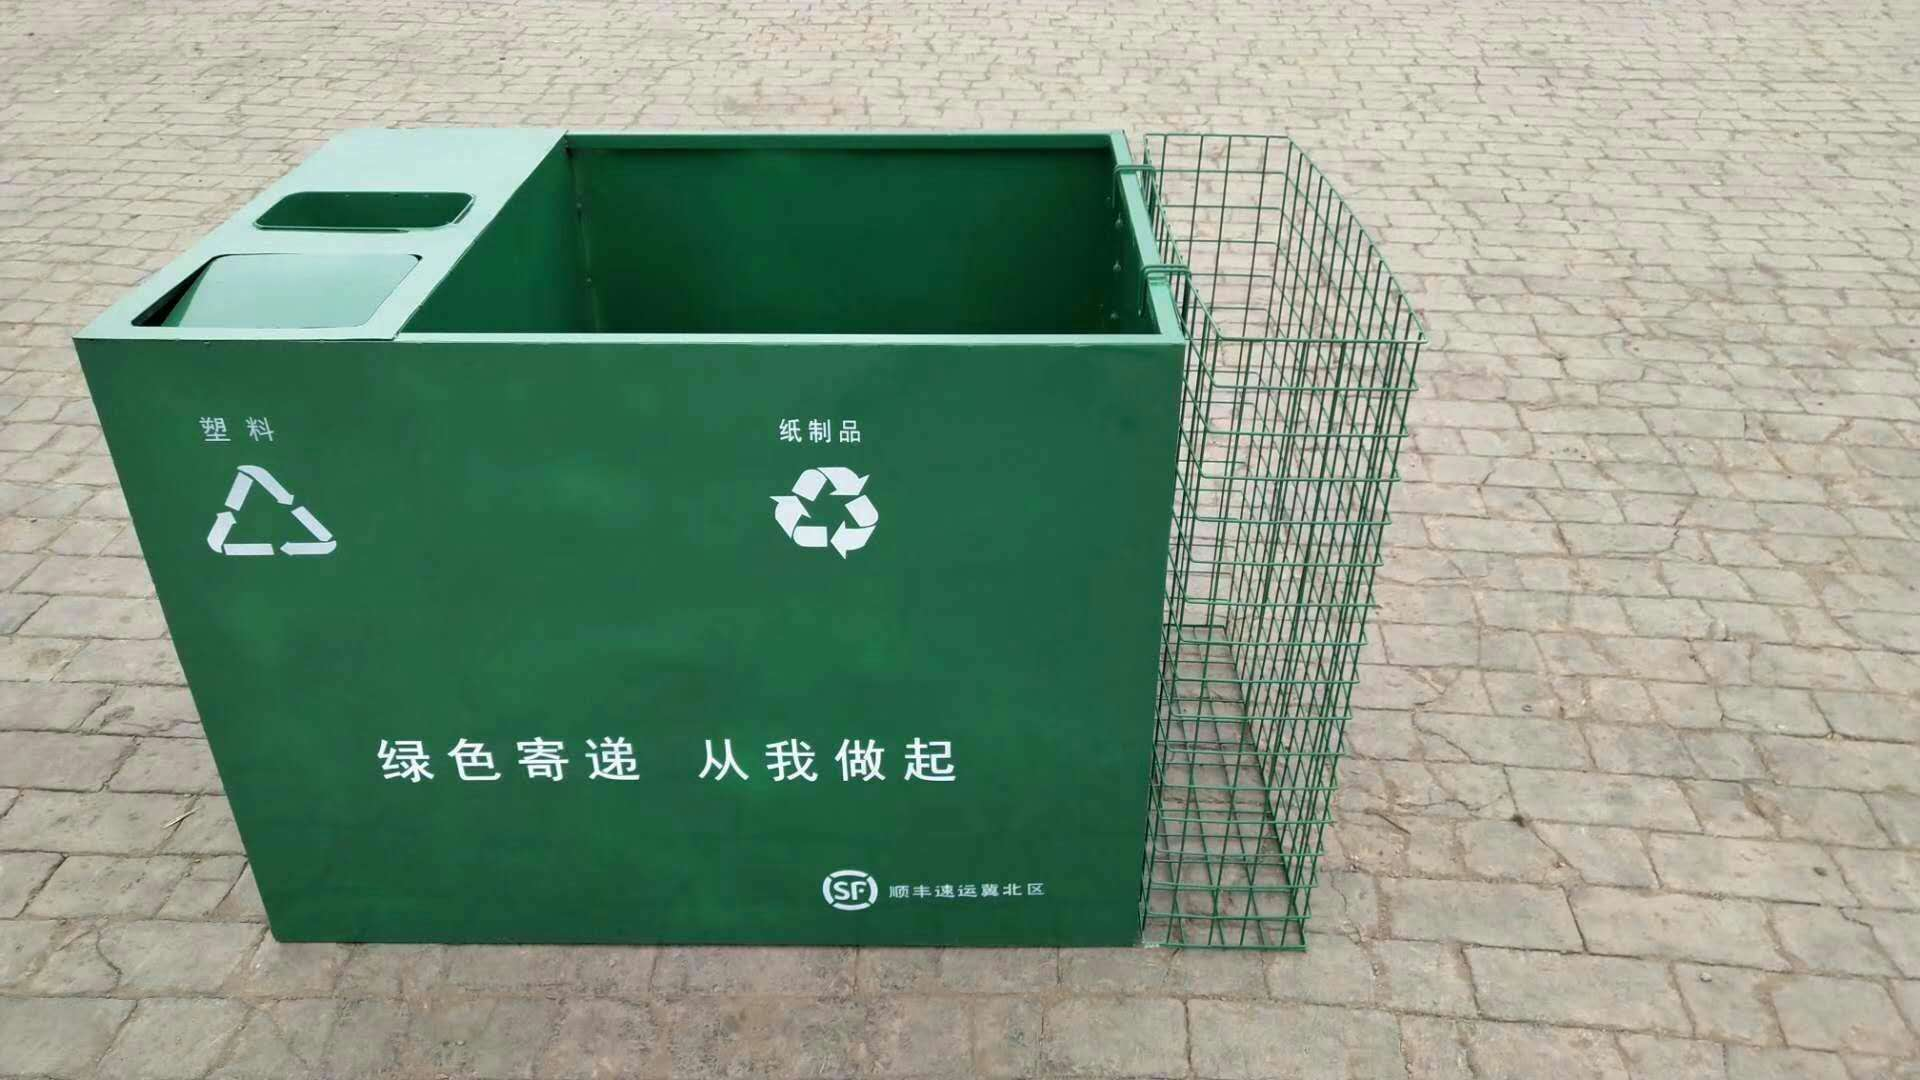 �]件快件包�b�U��物回收箱的制作流程